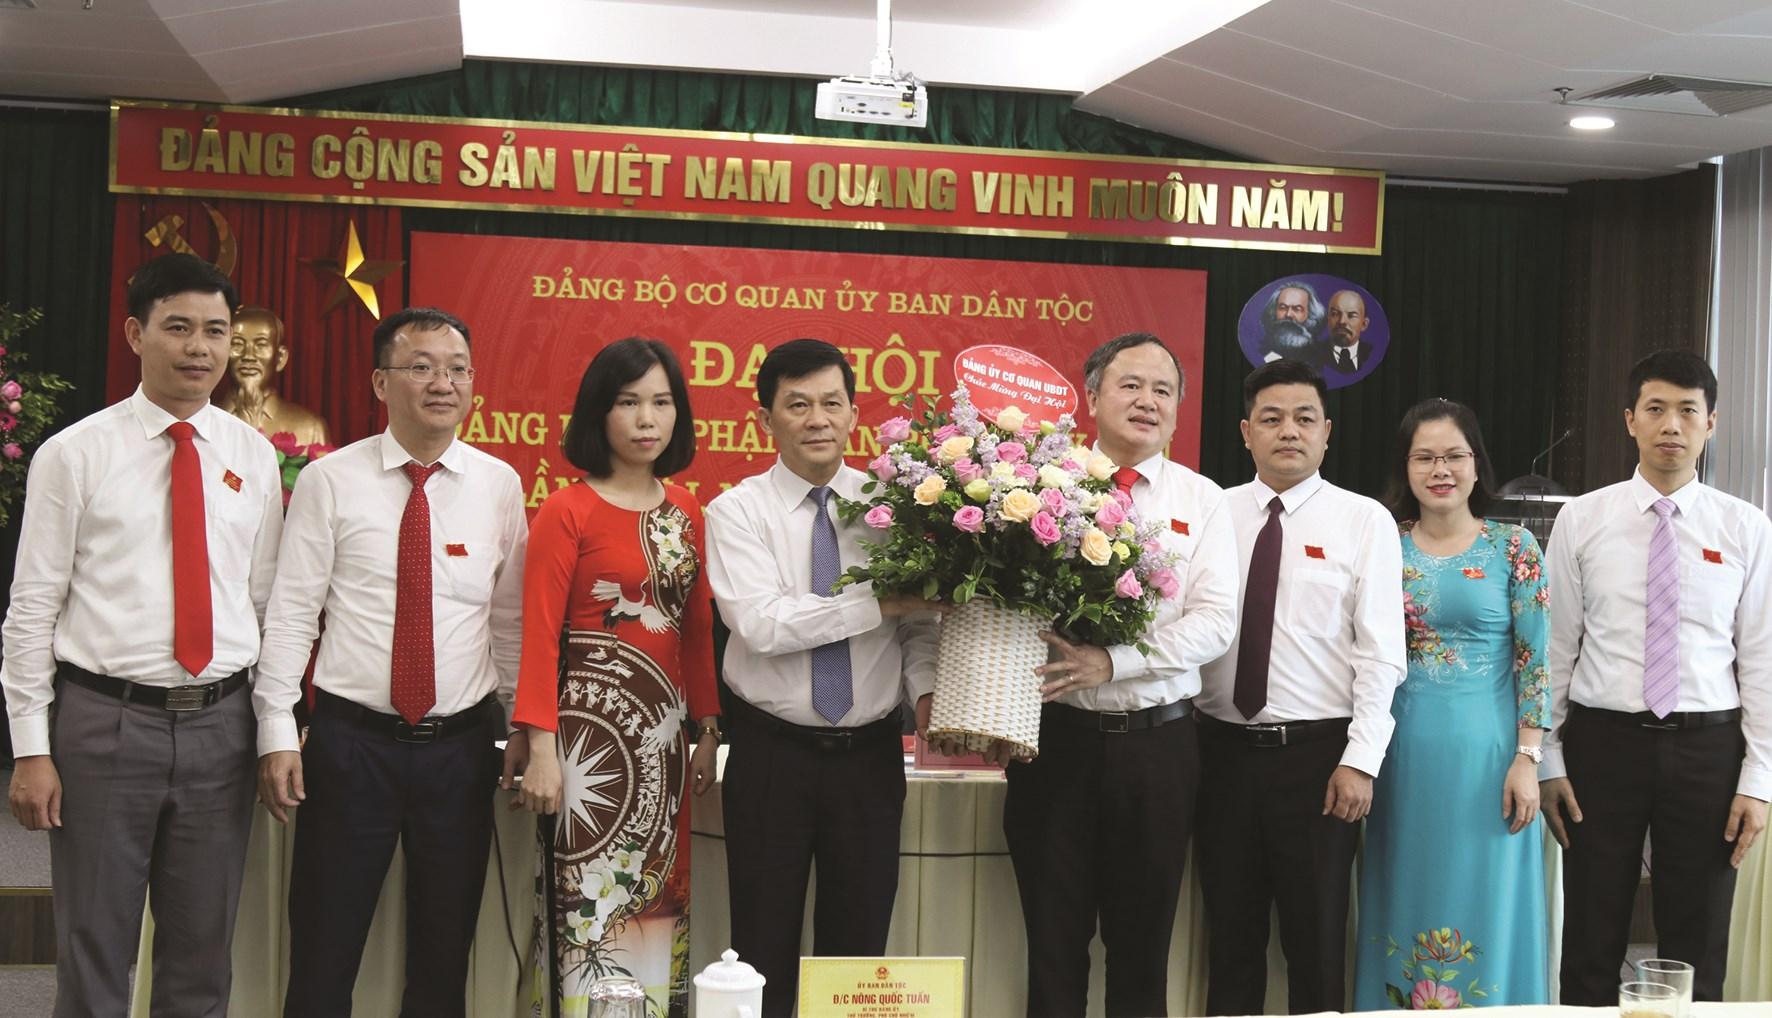 Bí thư Đảng ủy, Thứ trưởng, Phó Chủ nhiệm UBDT Nông Quốc Tuấn tặng hoa chúc mừng Ban Chấp hành Đảng bộ Bộ phận Văn phòng UBDT nhiệm kỳ 2020 – 2025.